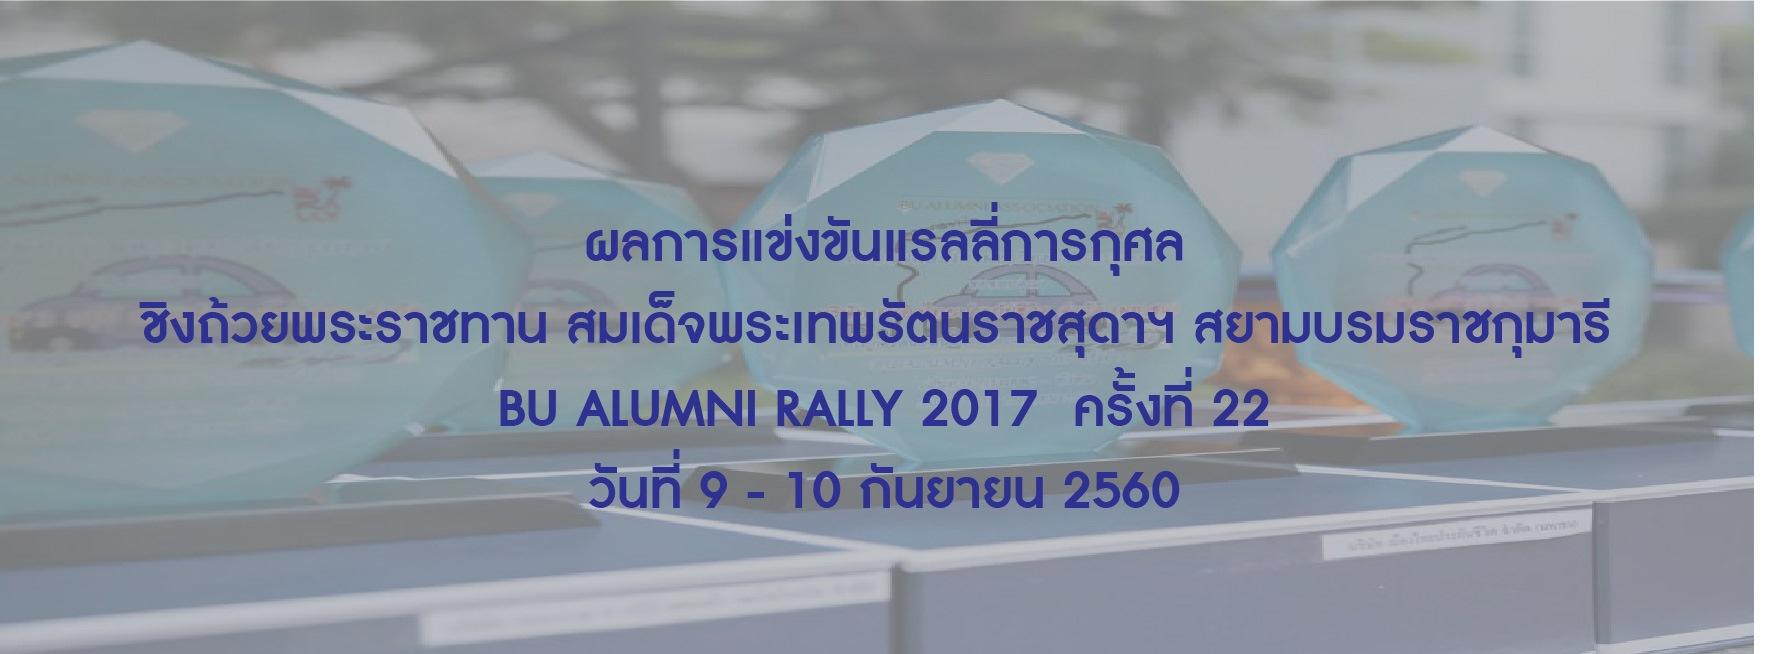 ผลการแข่งขันแรลลี่การกุศล ชิงถ้วยพระราชทาน สมเด็จพระเทพรัตนราชสุดาฯ สยามบรมราชกุมารี  BU ALUMNI RALLY 2017  ครั้งที่ 22